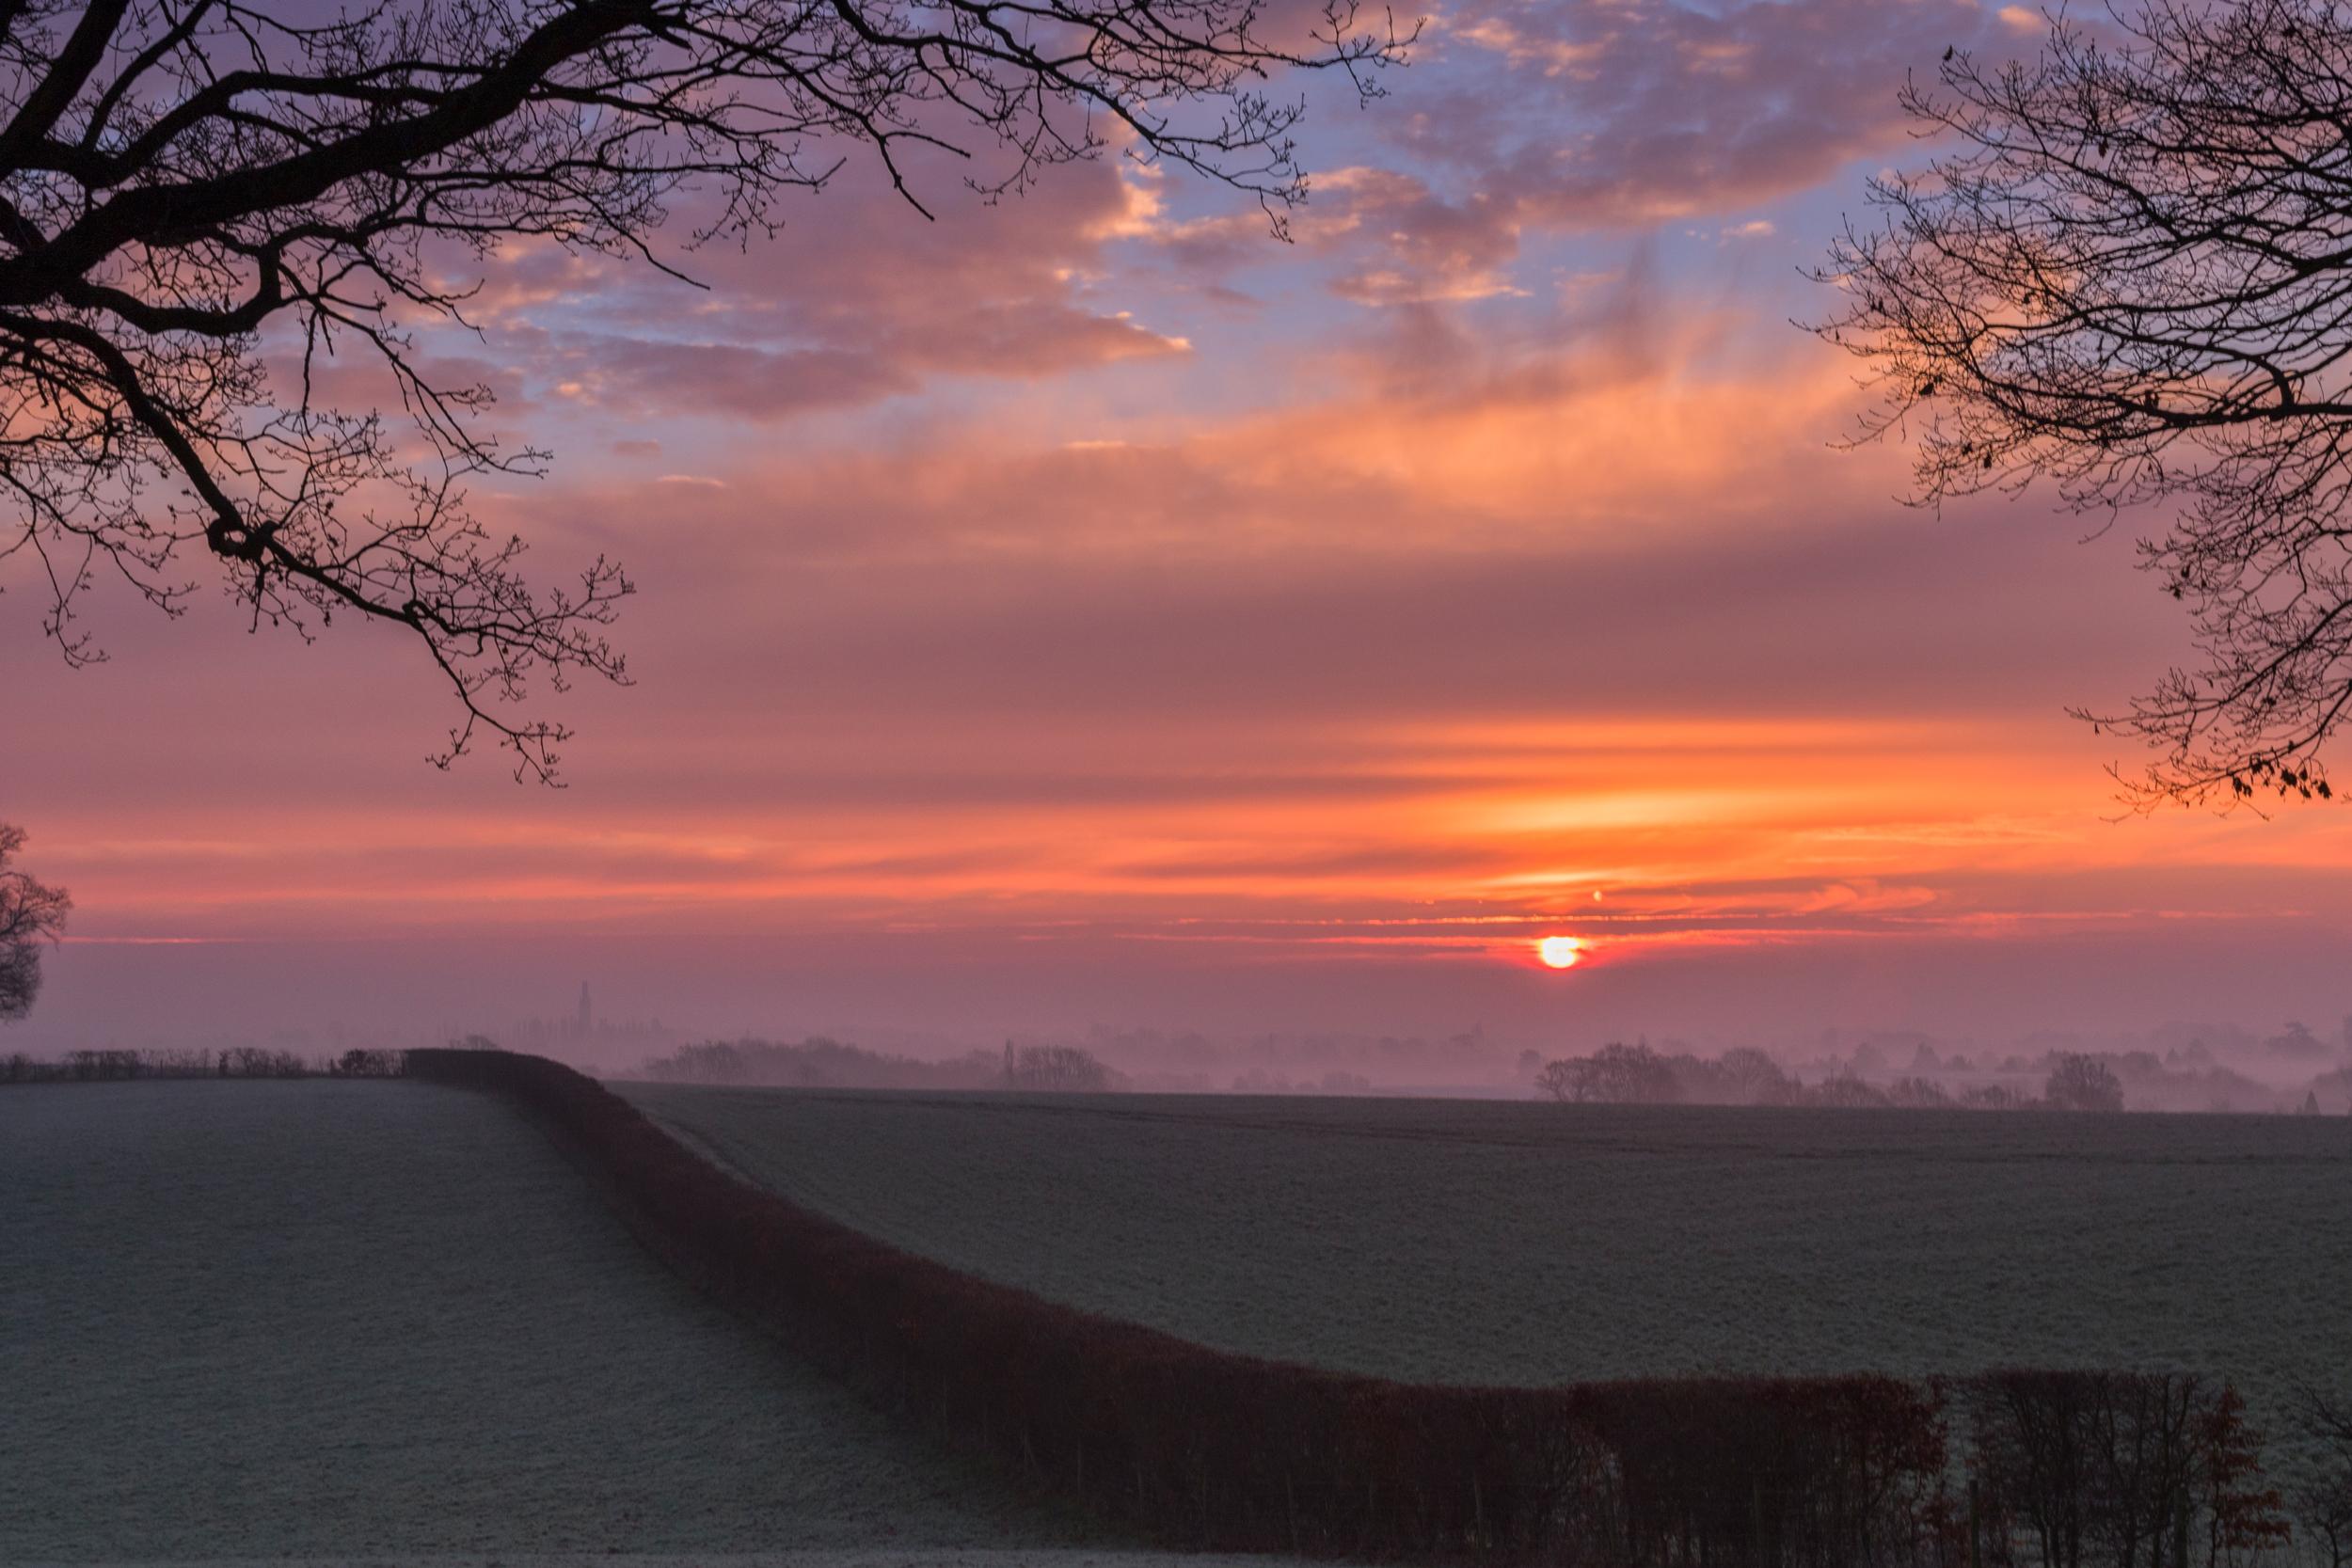 sunset-resized.jpg